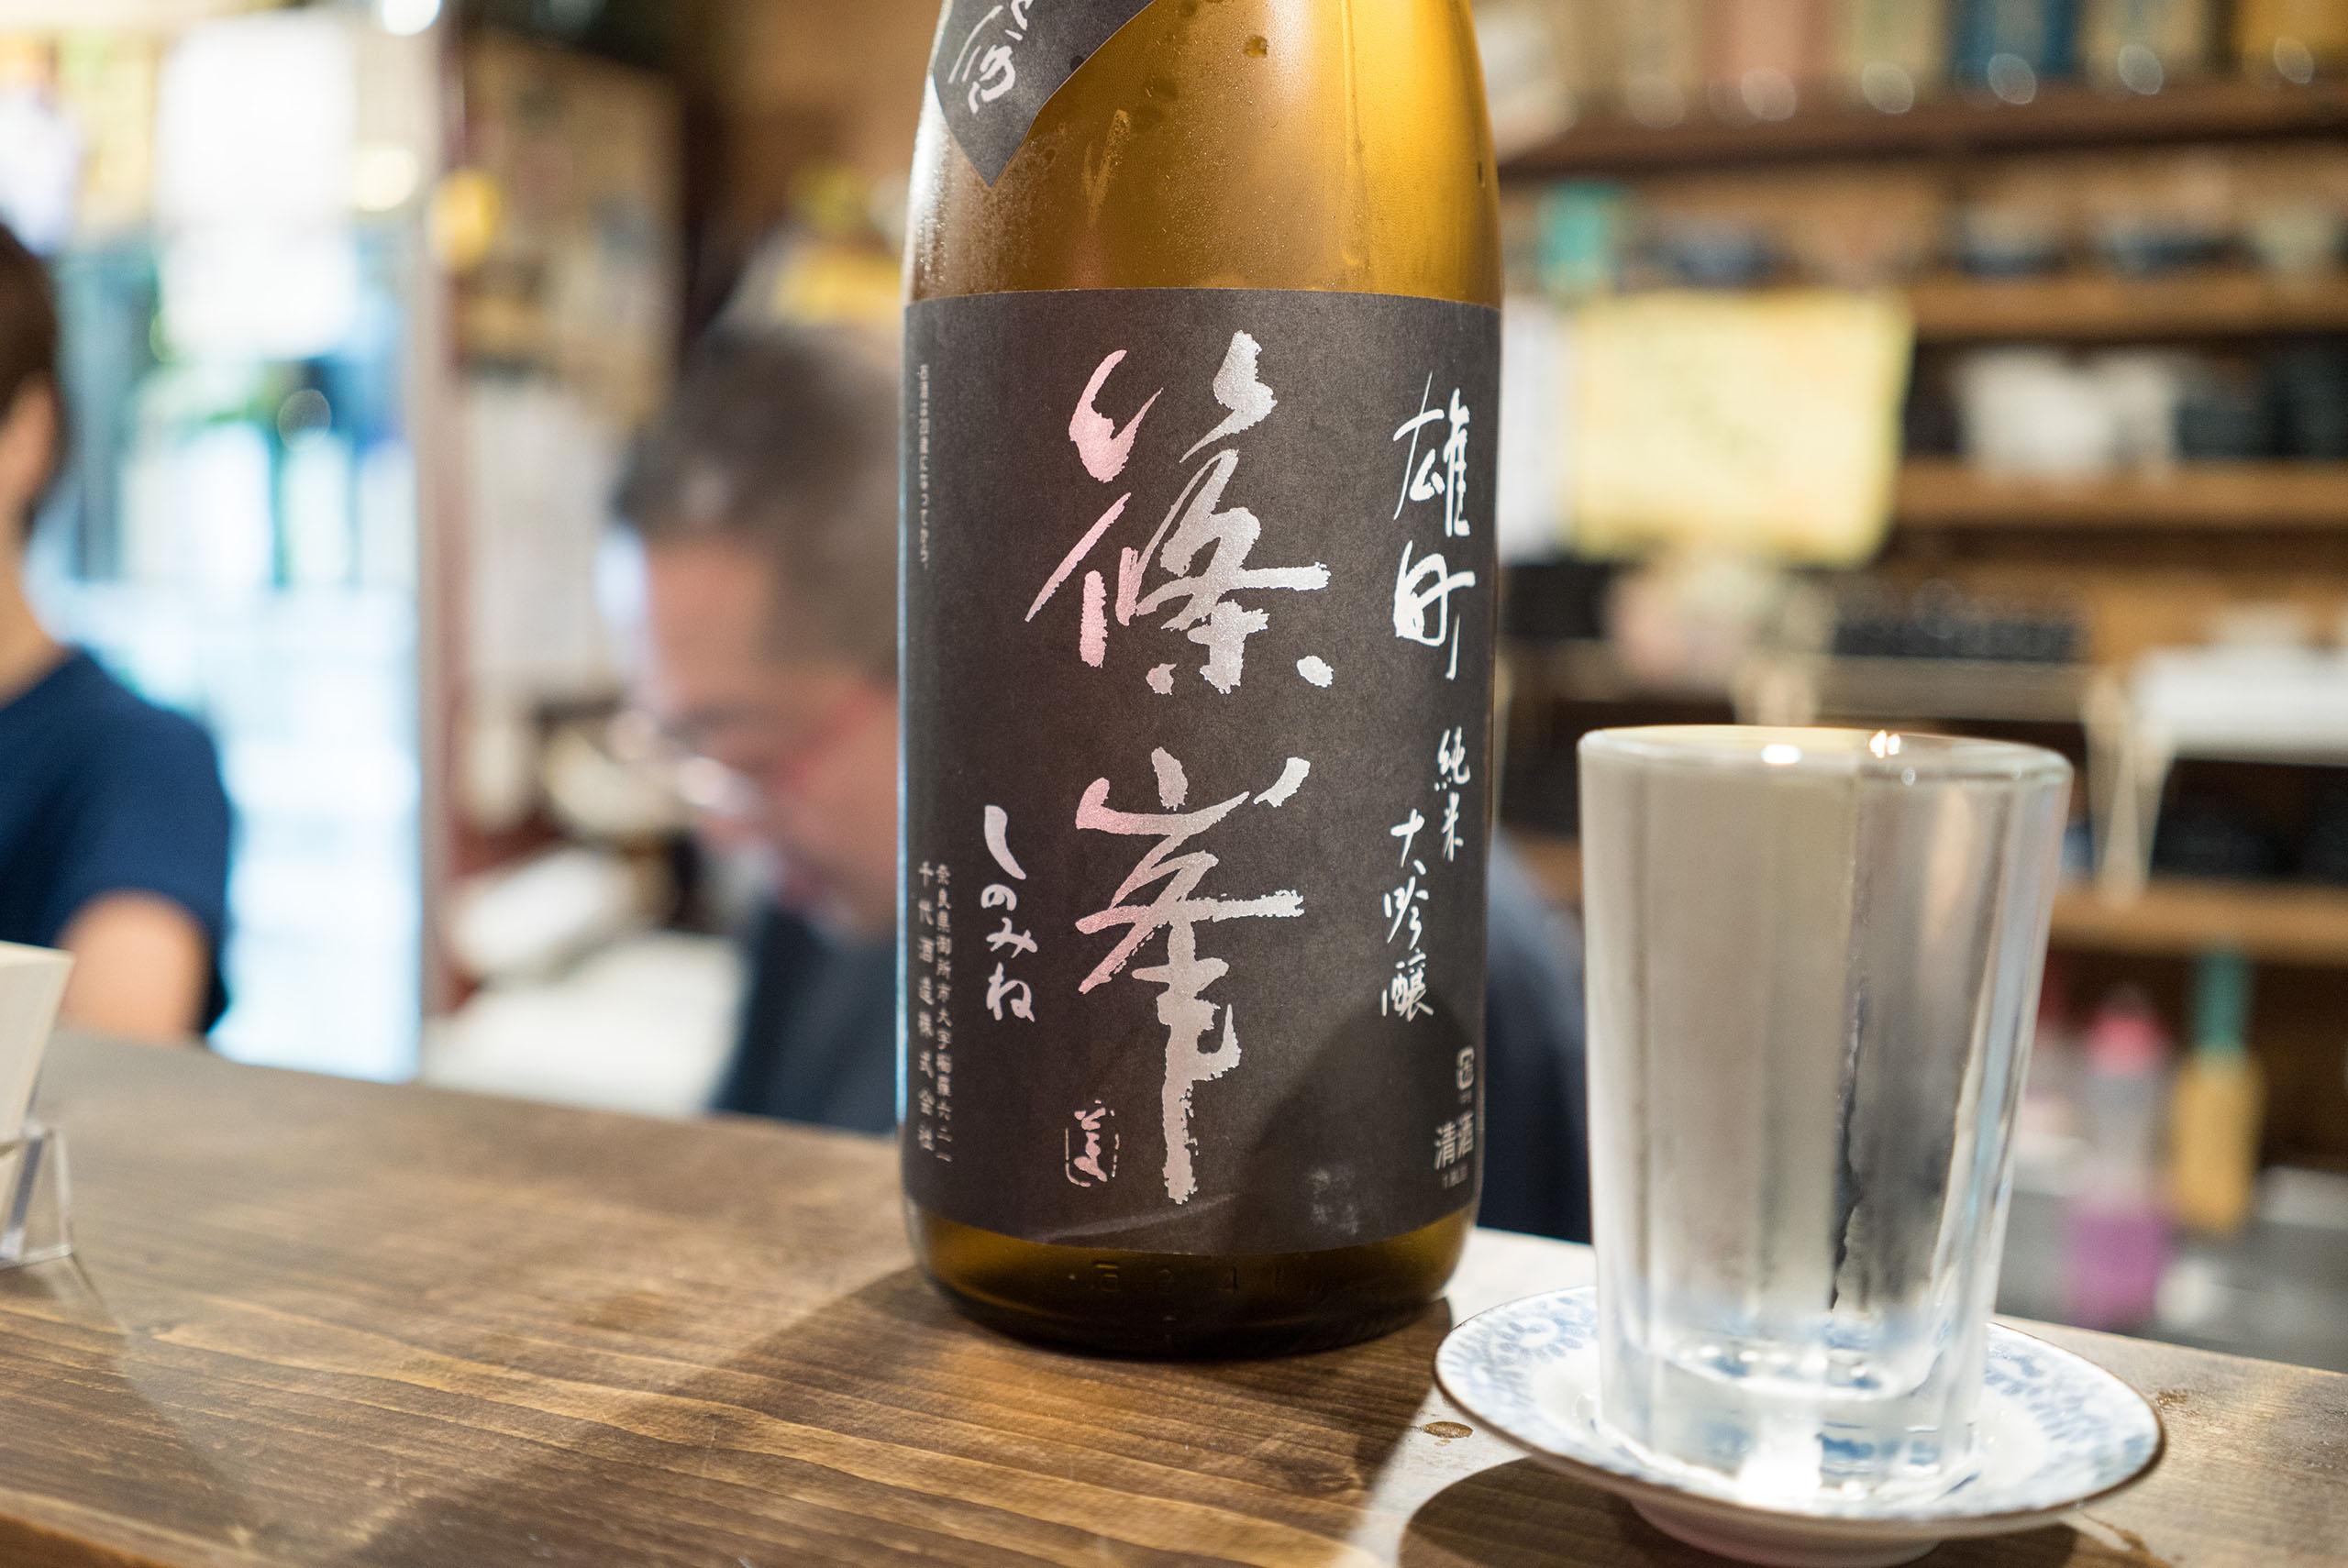 시노미네 쥰마이다이긴죠 오마치 나마자케